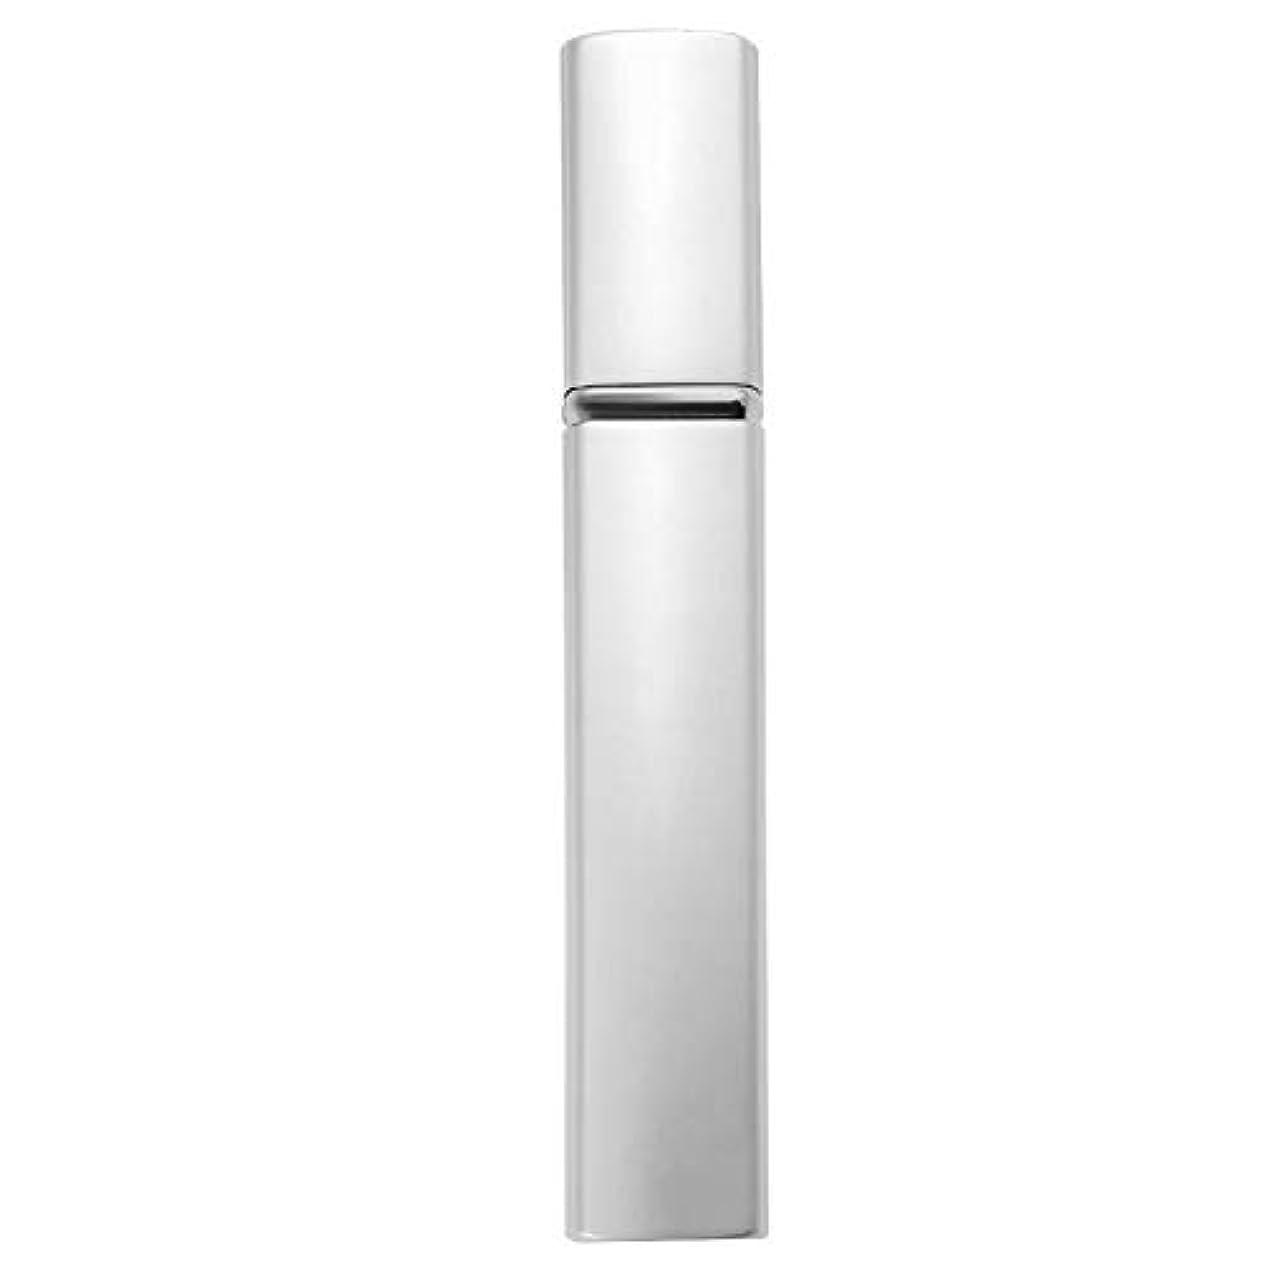 カートンゴルフ著作権旅行携帯用 軽量 詰め替え 10ml 香水瓶 噴霧器 化粧水用瓶 ボトル アトマイザー スプレー ケース 6色(05#)